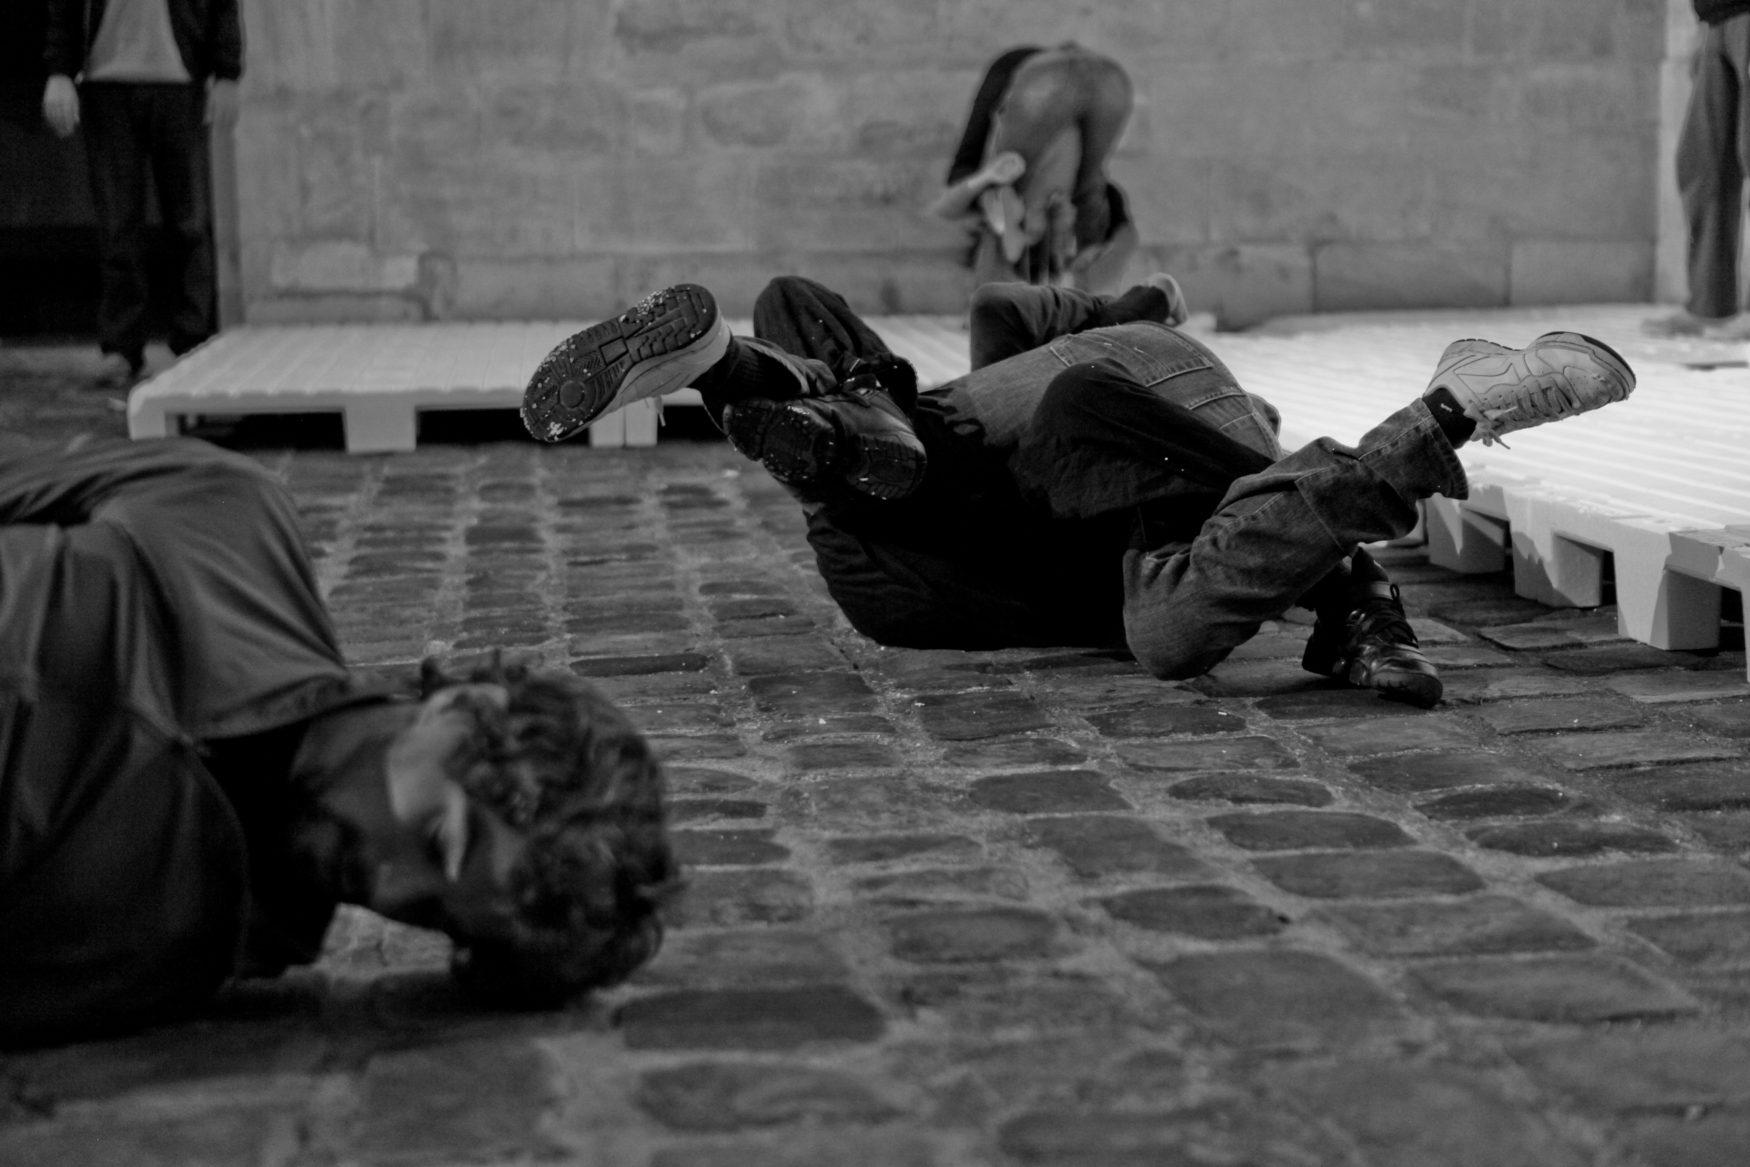 Nuit Blanche, Paris - Vincent Thomasset